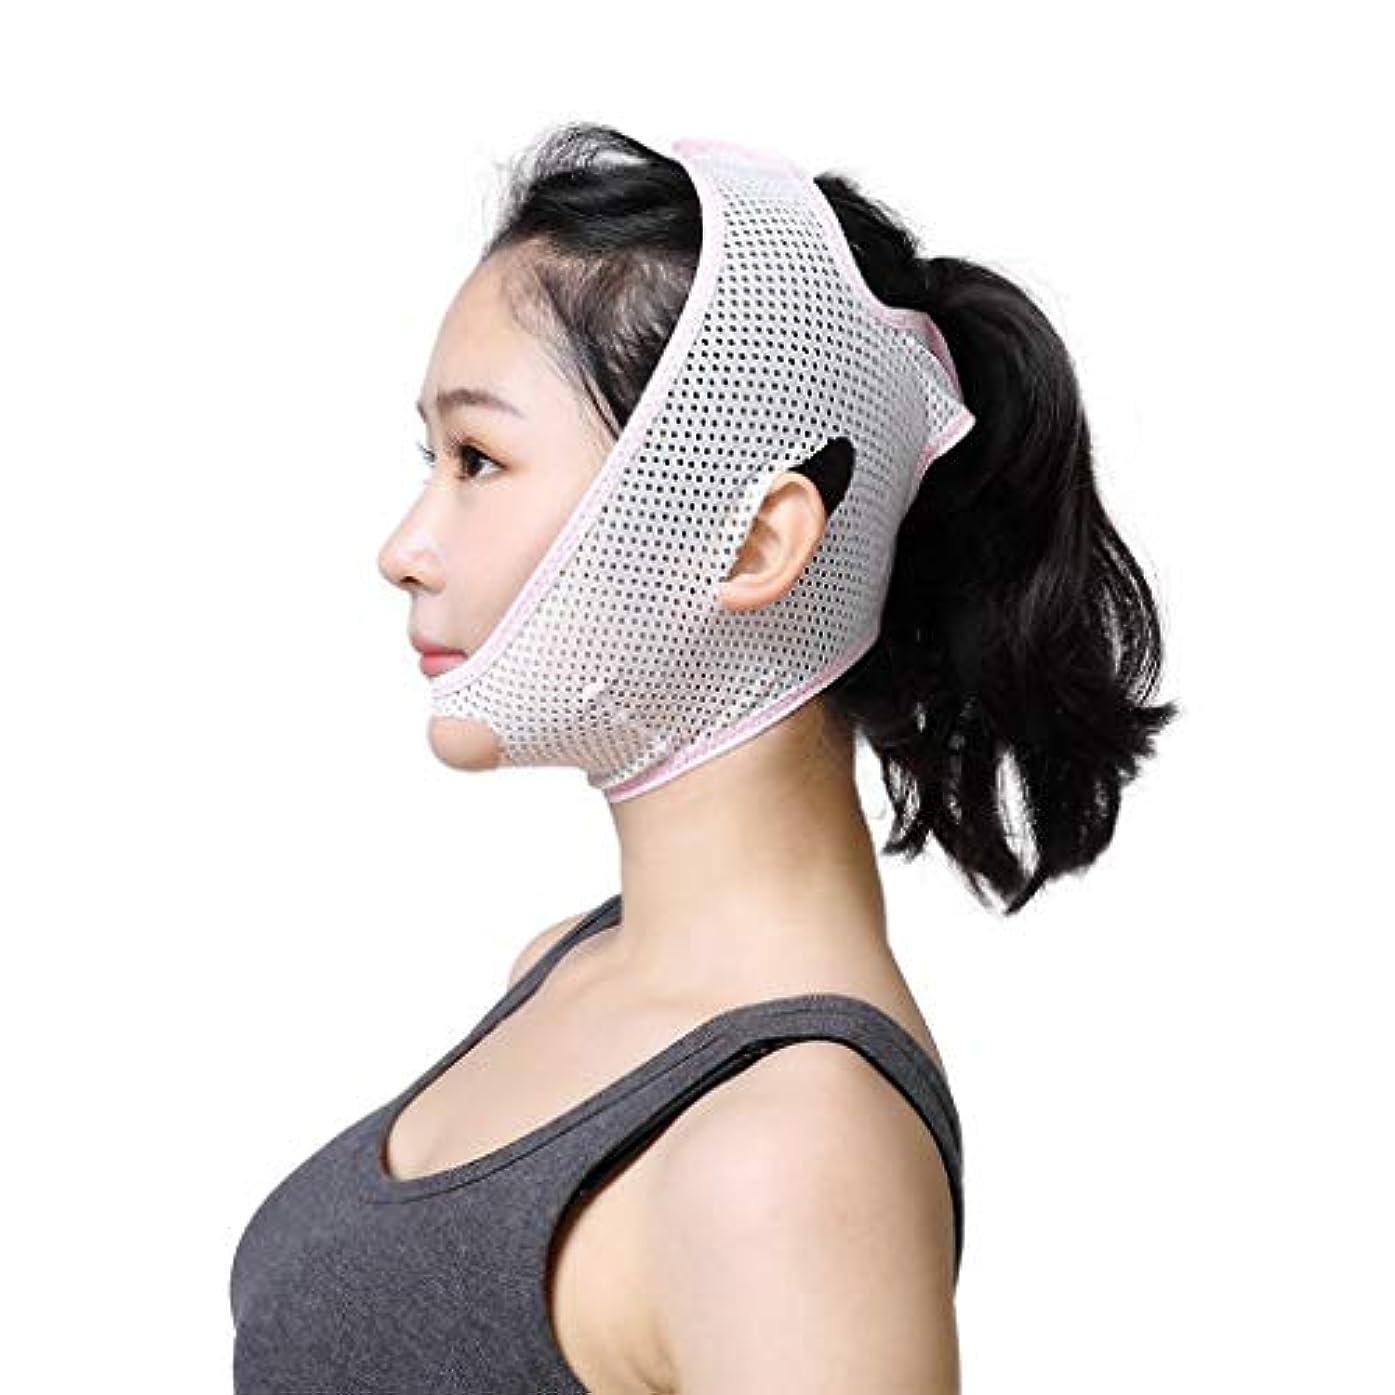 衝突ヘロインフィドル顔の減量睡眠包帯顔補正美容マスクダブルあごユニセックスに